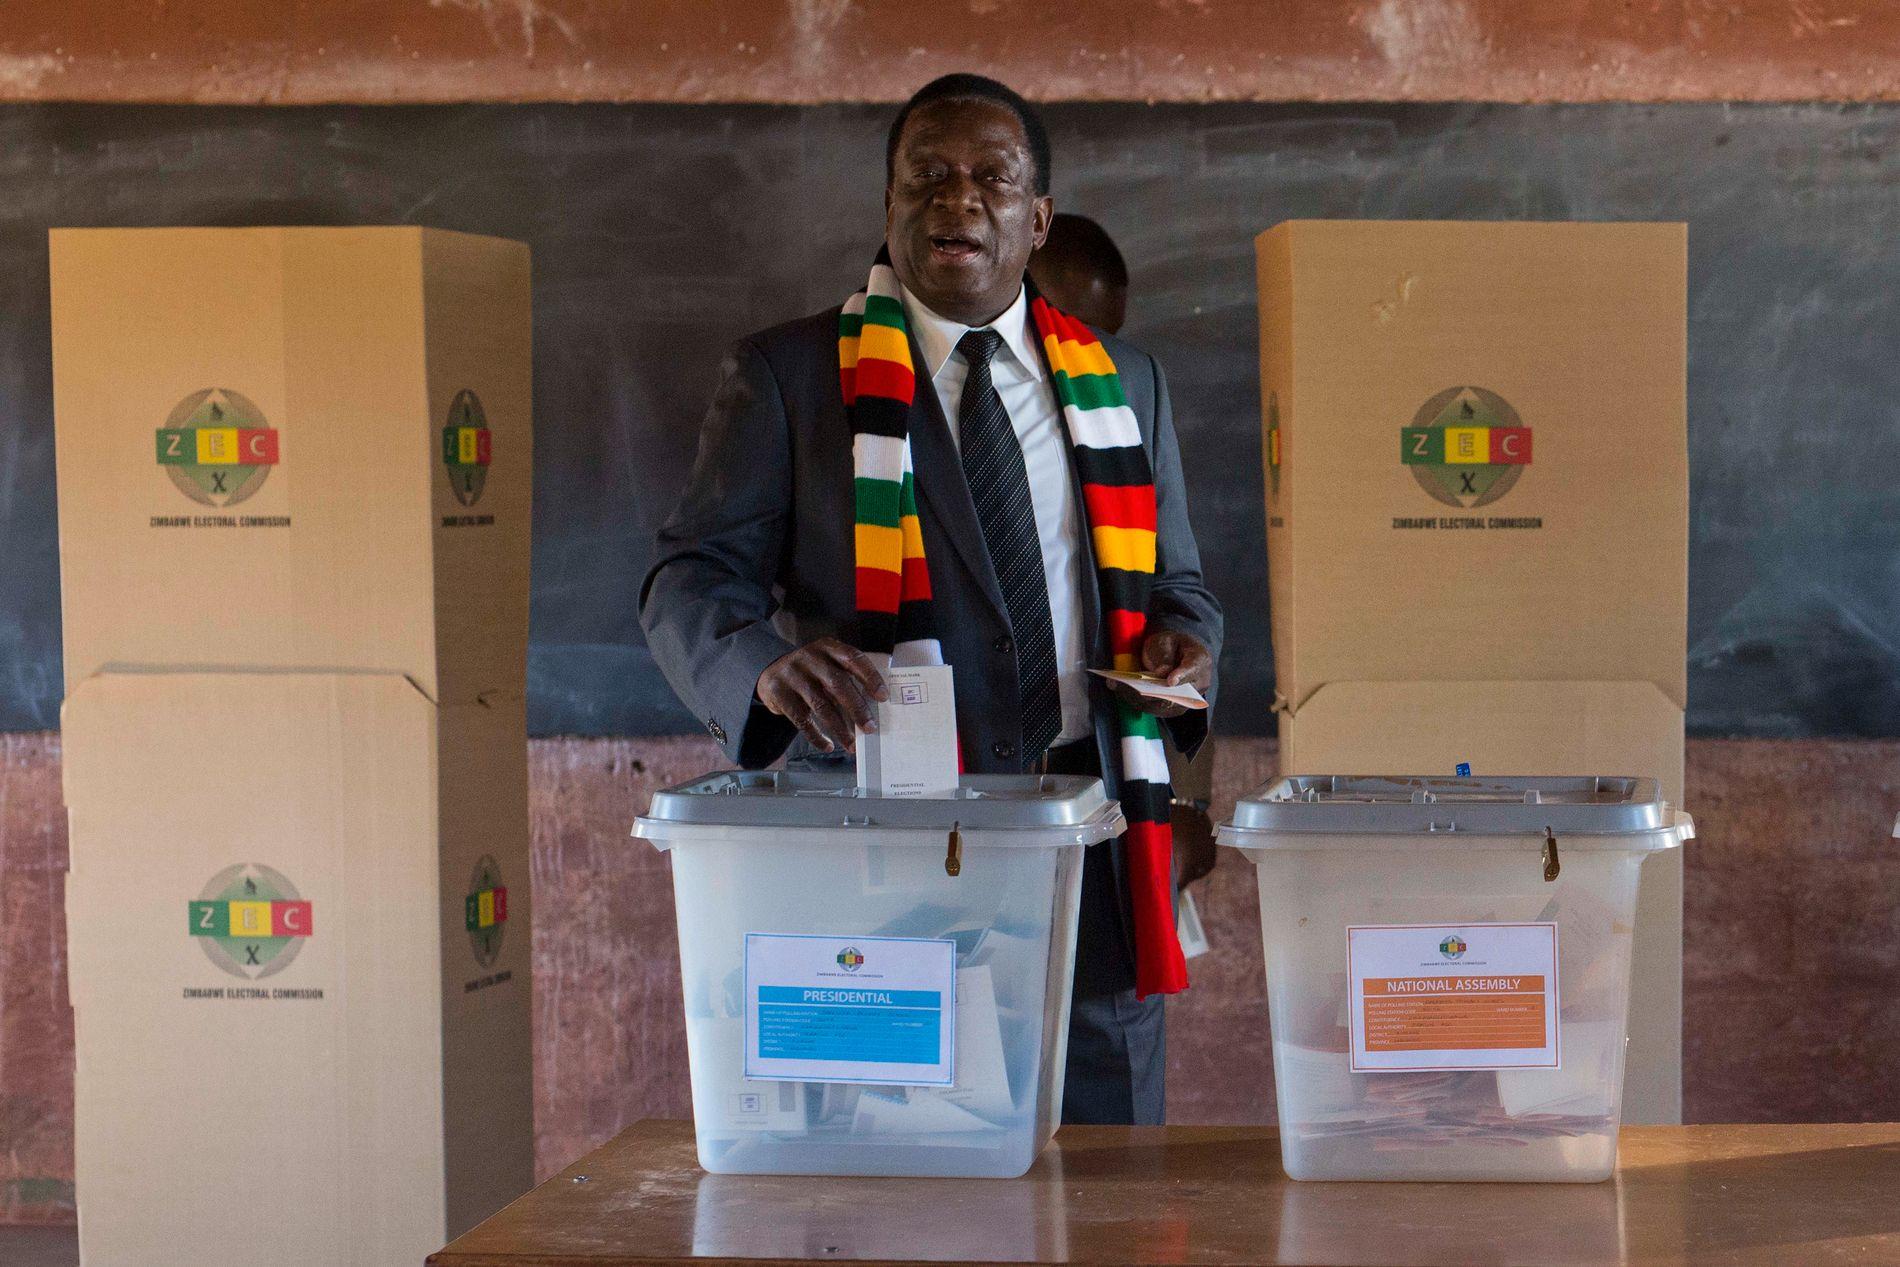 VALGT: Emmerson Mnangagwa, her mens han avgir stemme i Kwekwe mandag 30. juli.